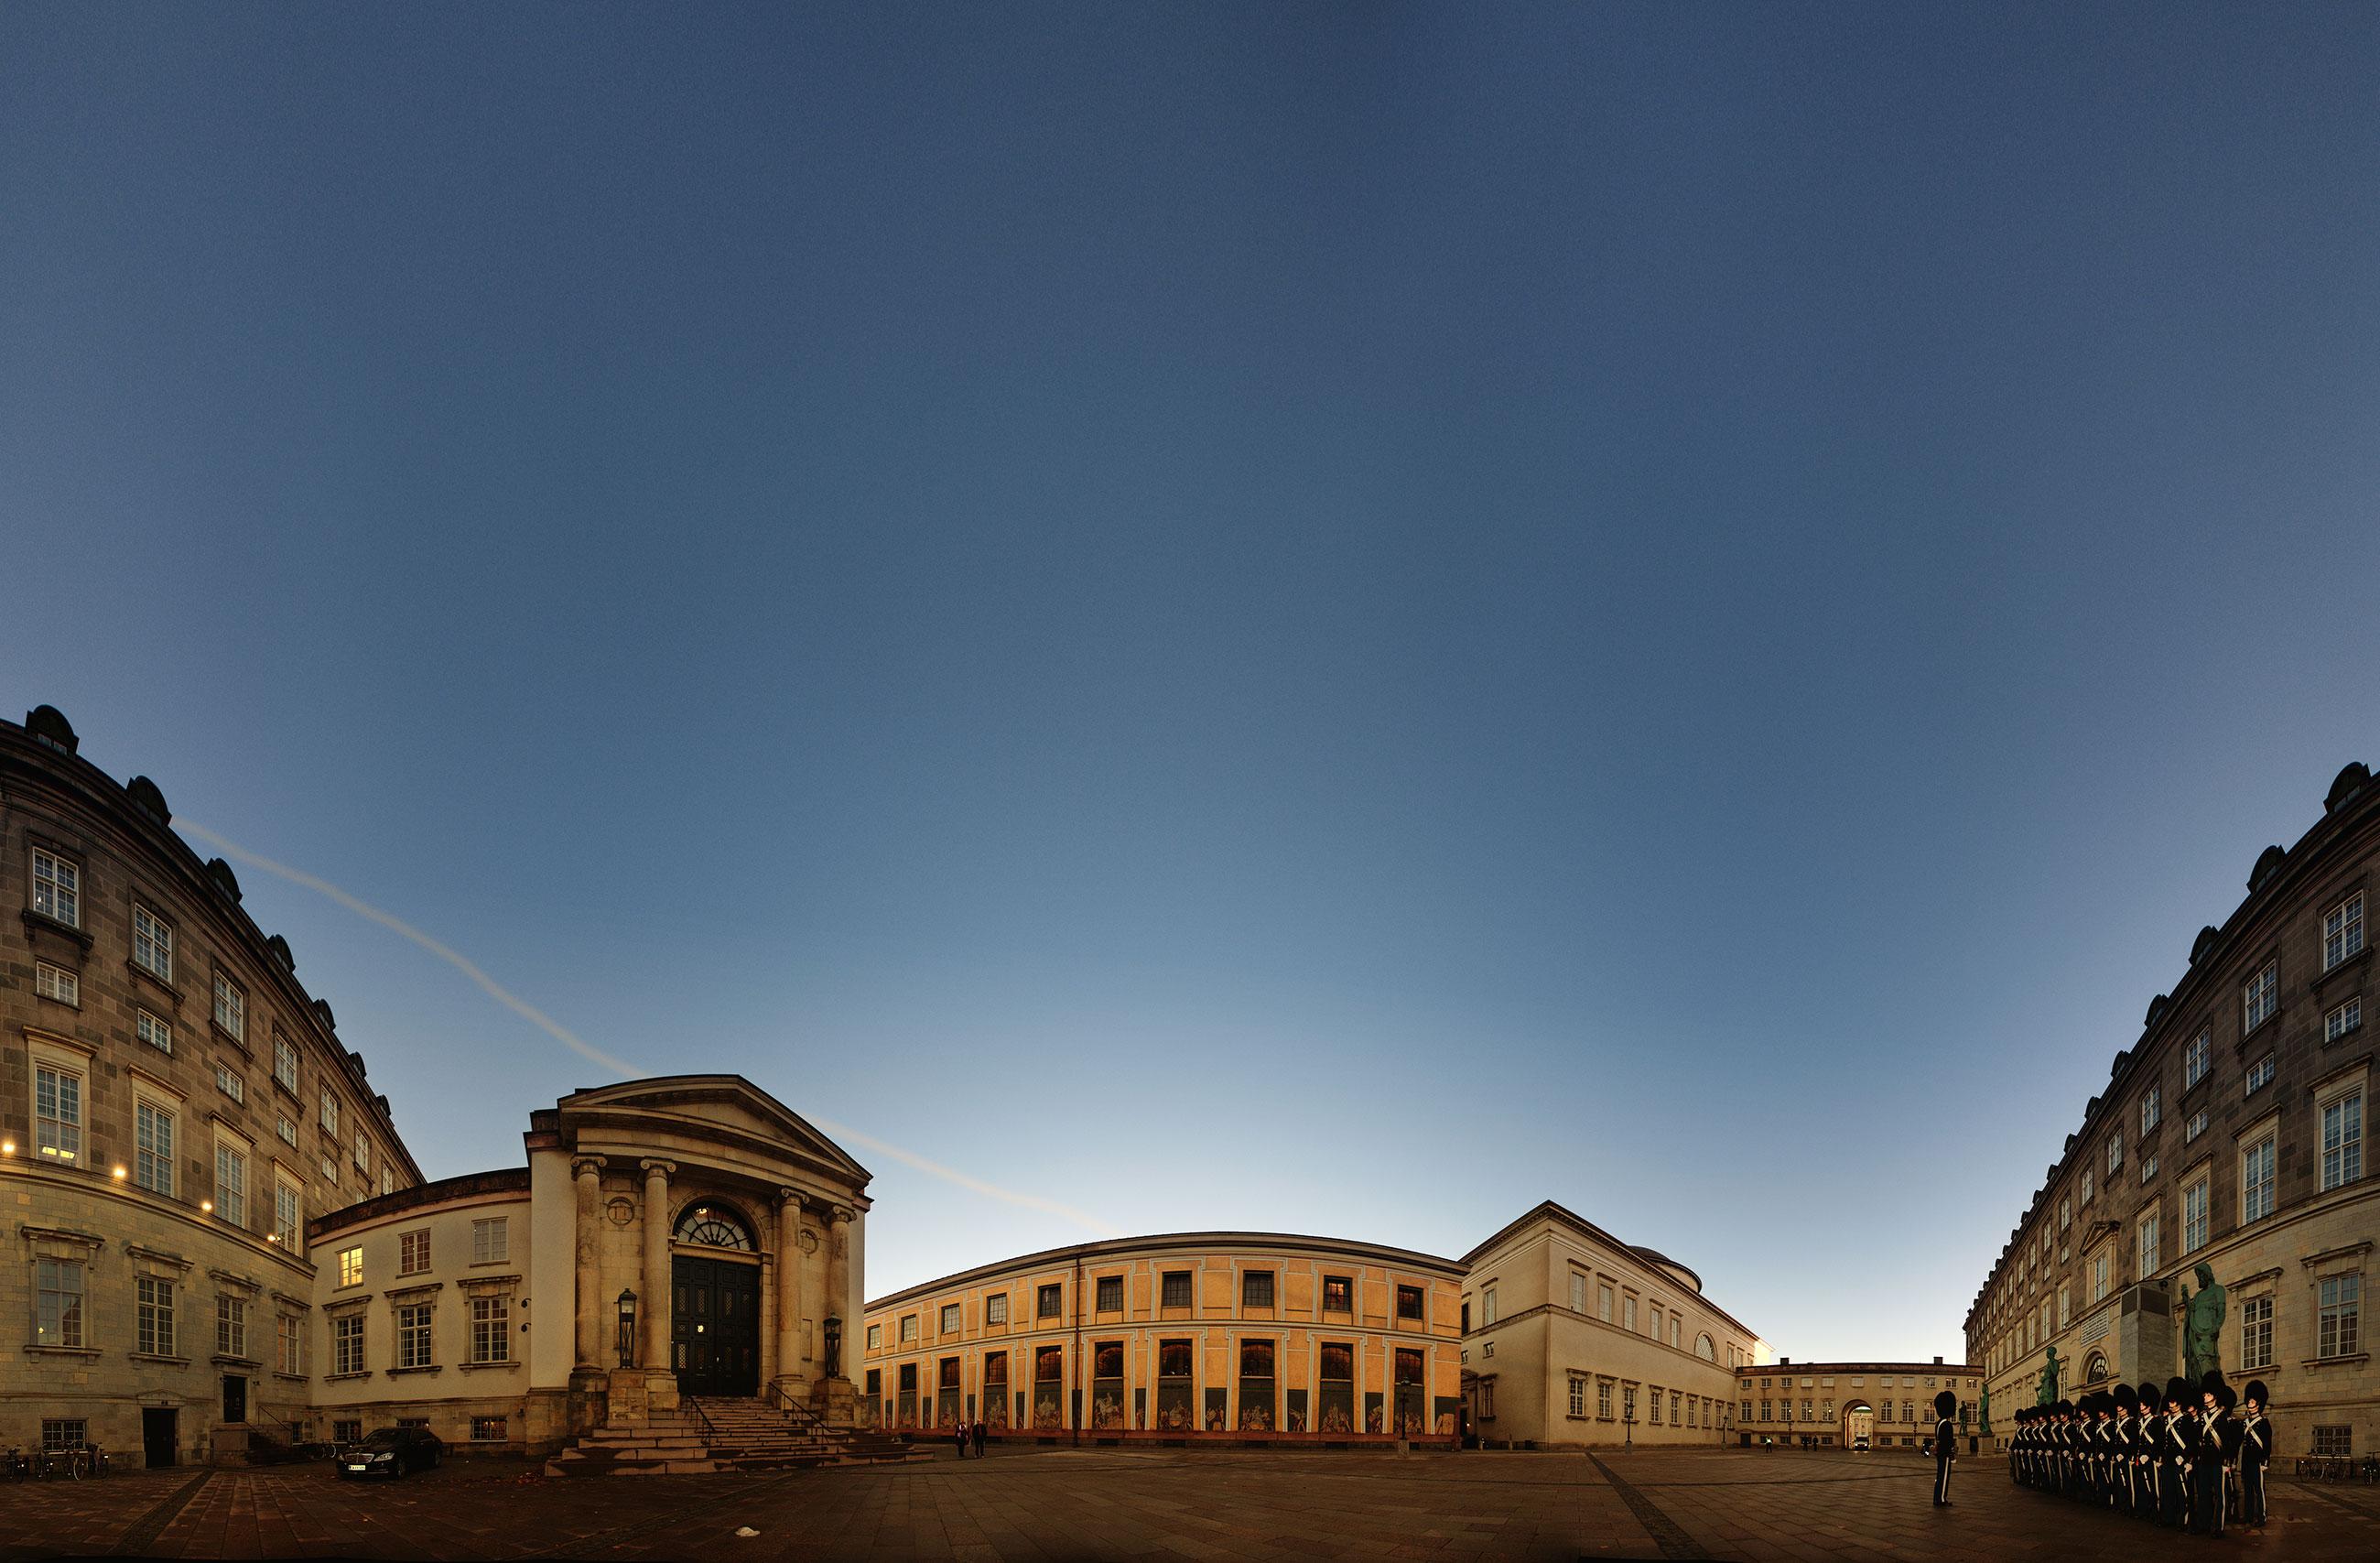 Et panorama foto af Højesteret